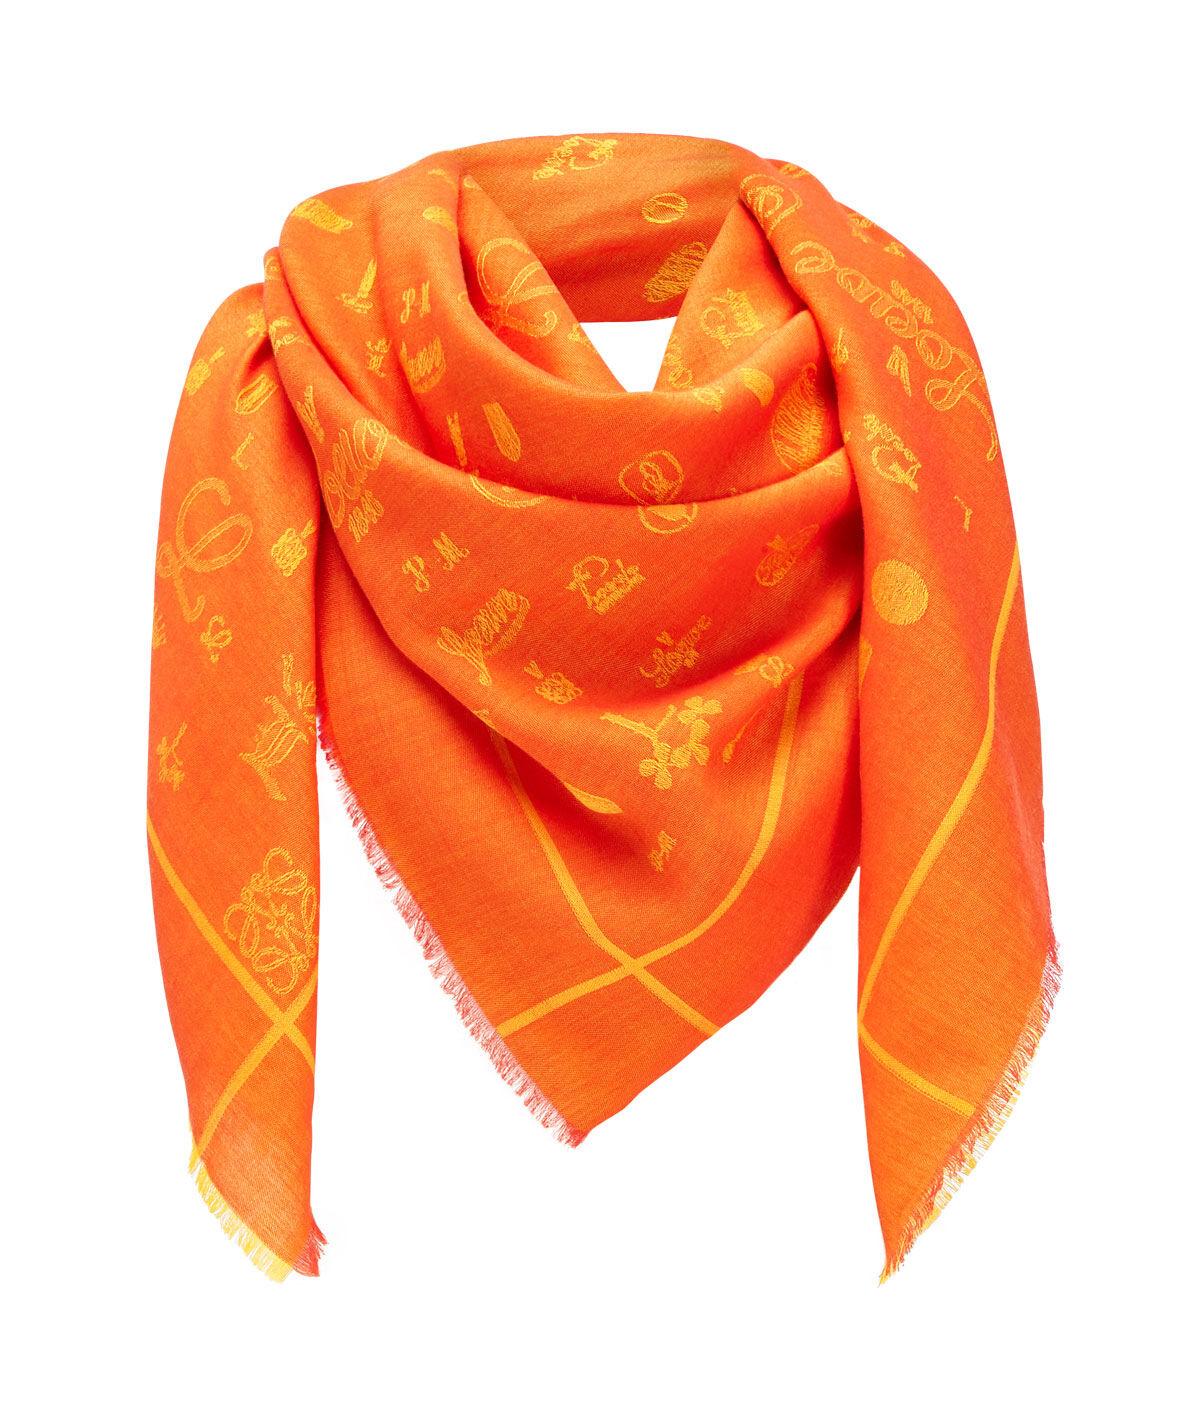 LOEWE 140X140 Scarf Logos Naranja all